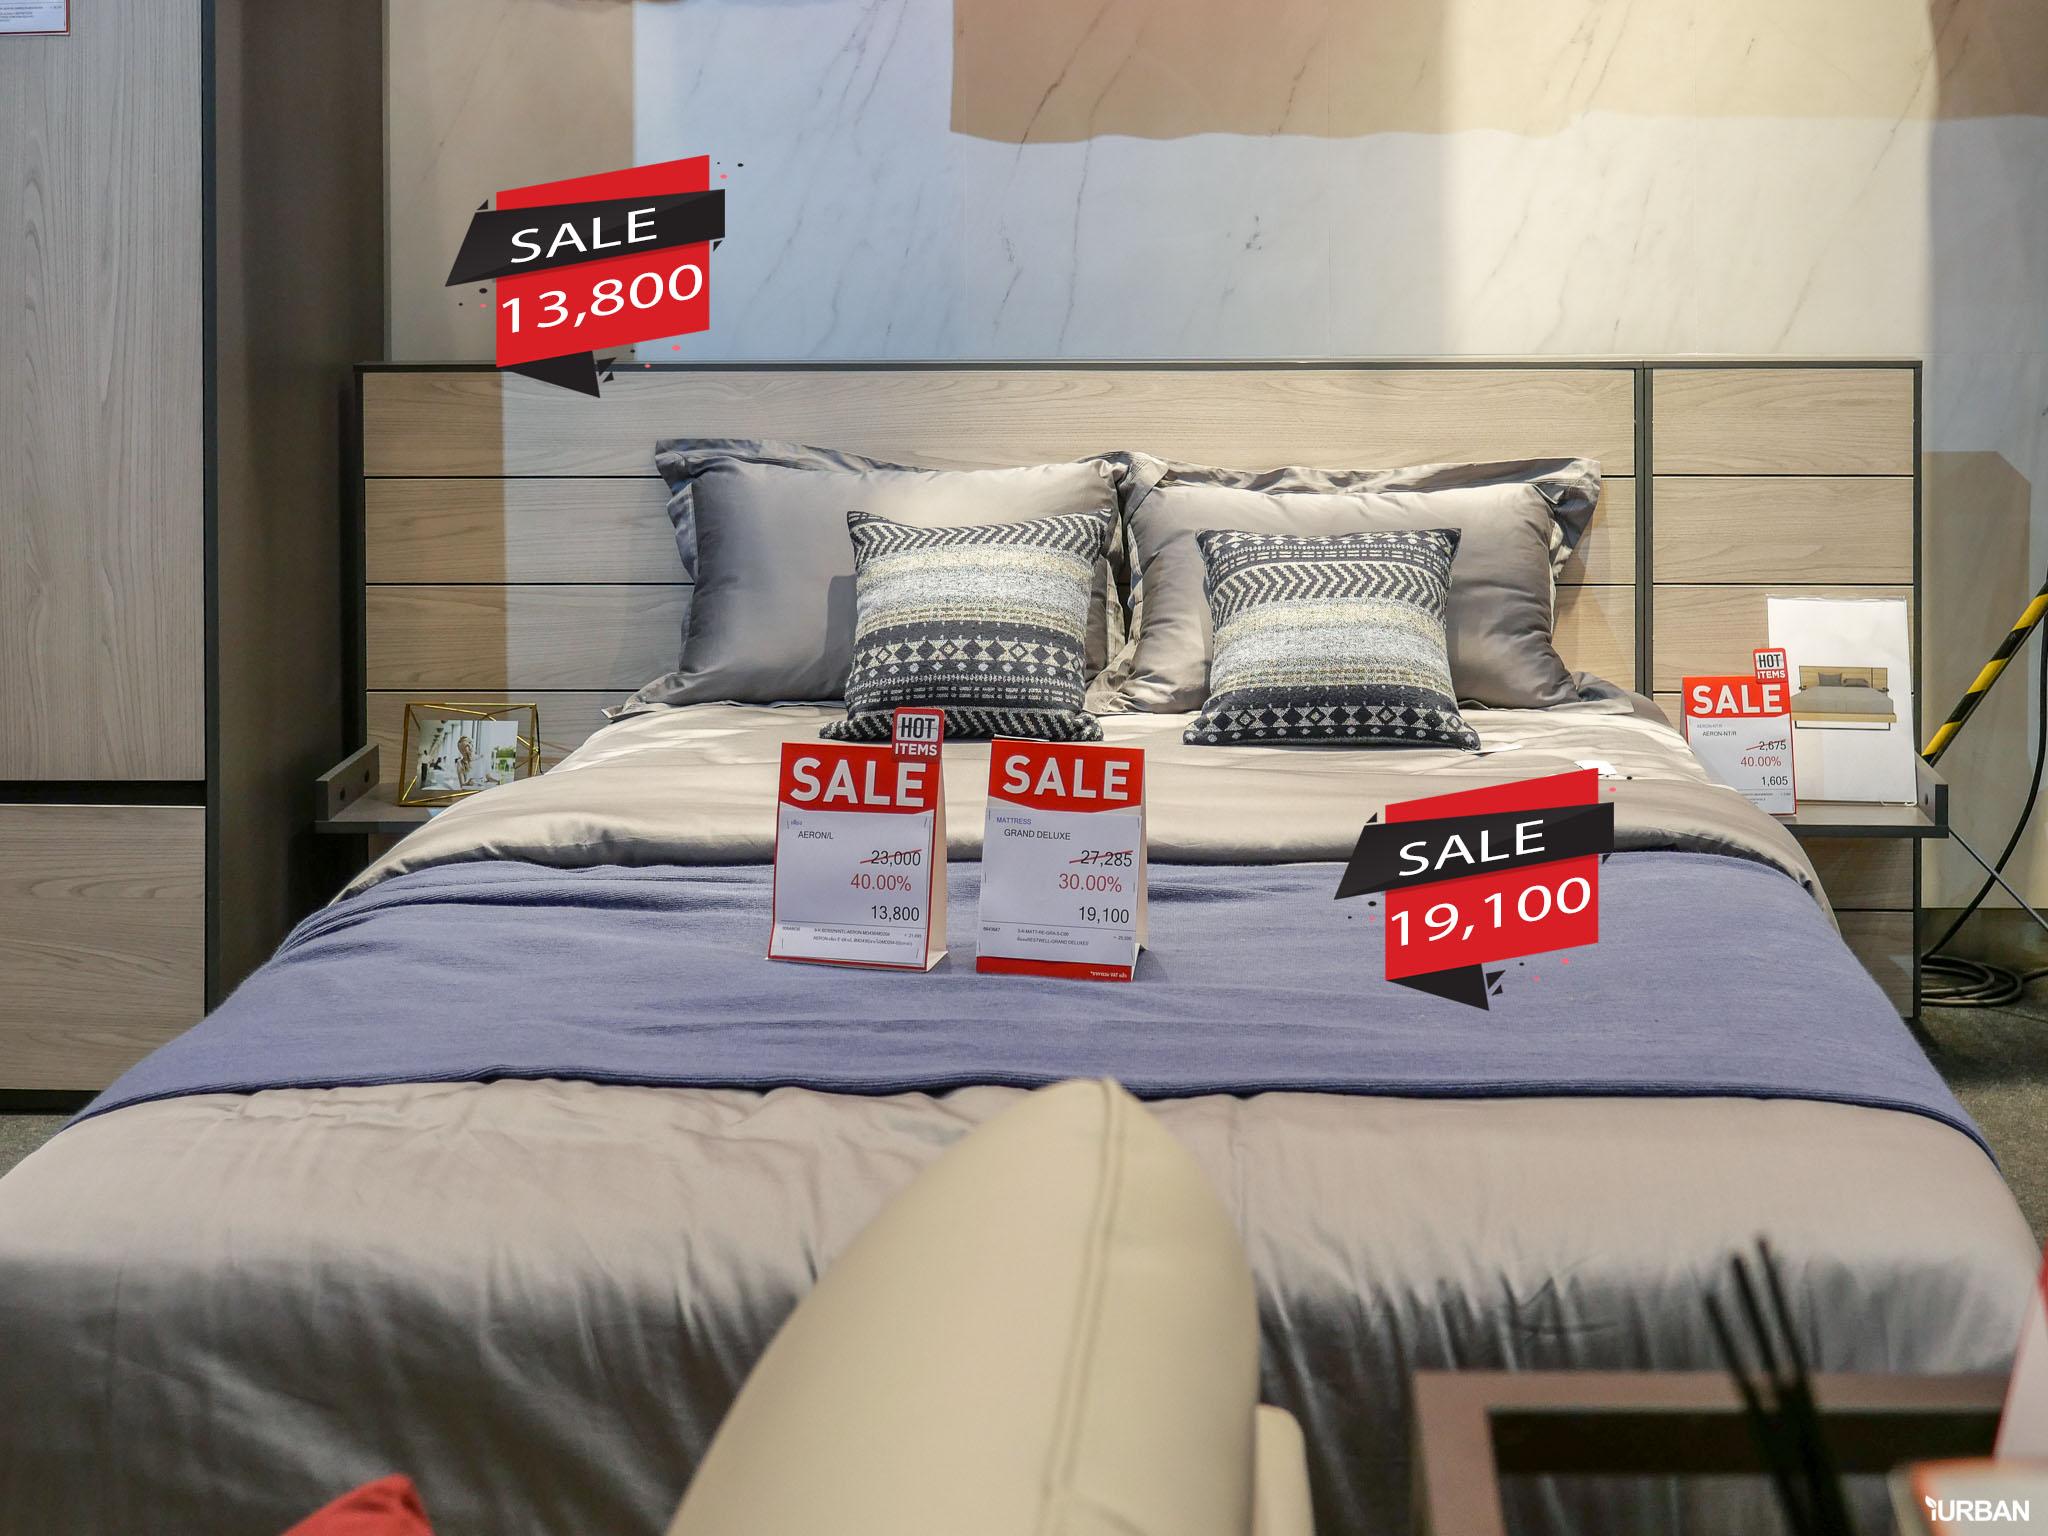 พาชม MODERNFORM ลดถึง 75% งาน The Annual Sale 2019 ปีนี้มีอะไรบ้าง? 138 - decorate